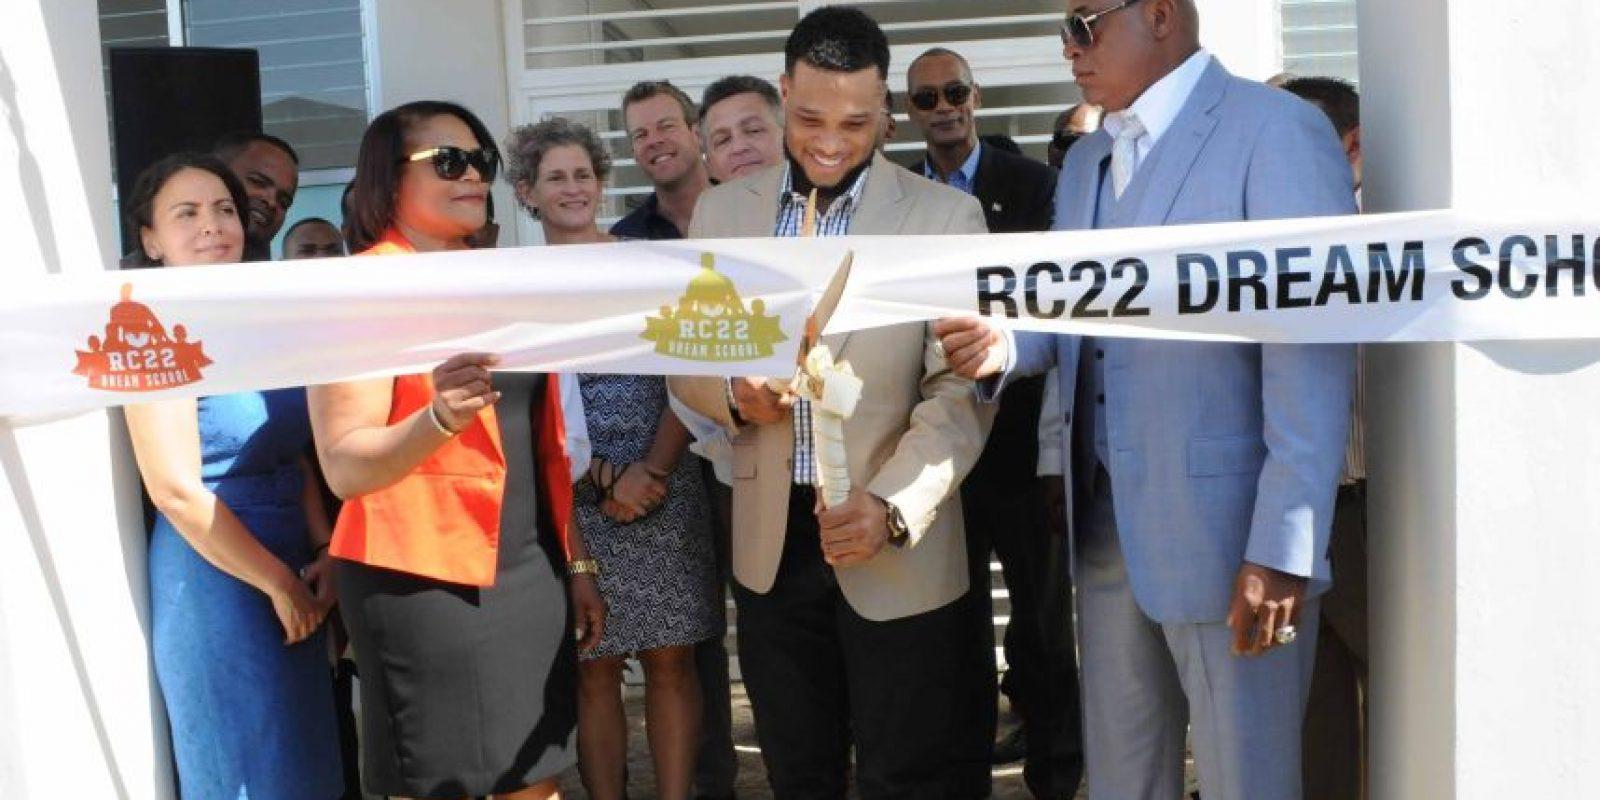 Robinson Canó corta la cinta para dejar inaugurada la Escuela RC-22 Dream. Foto:Fuente externa